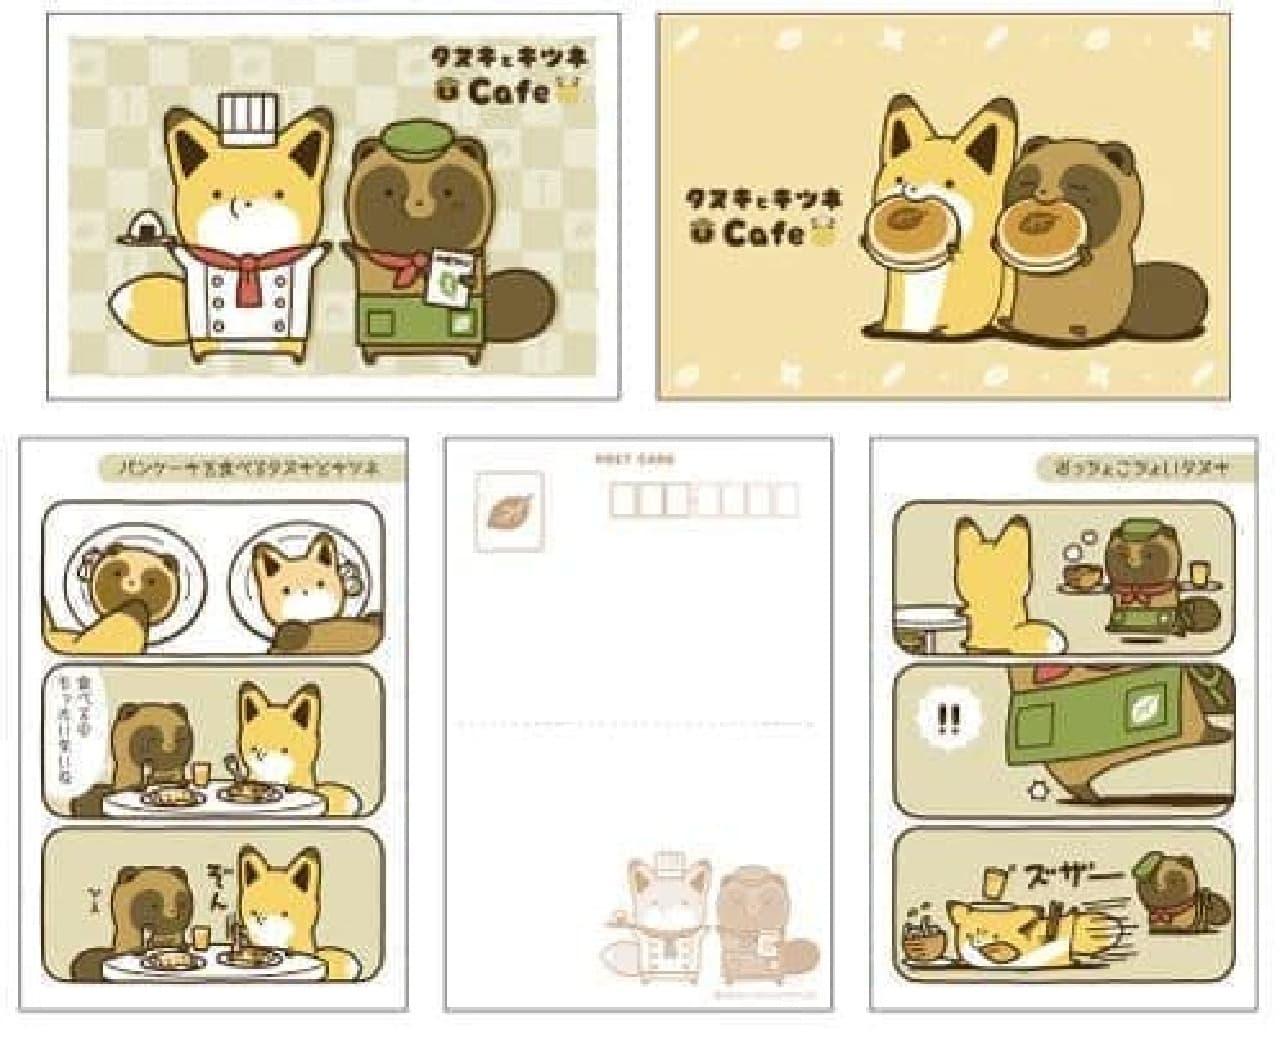 カフェ用の描き下ろしアートを使用したオリジナルポストカード